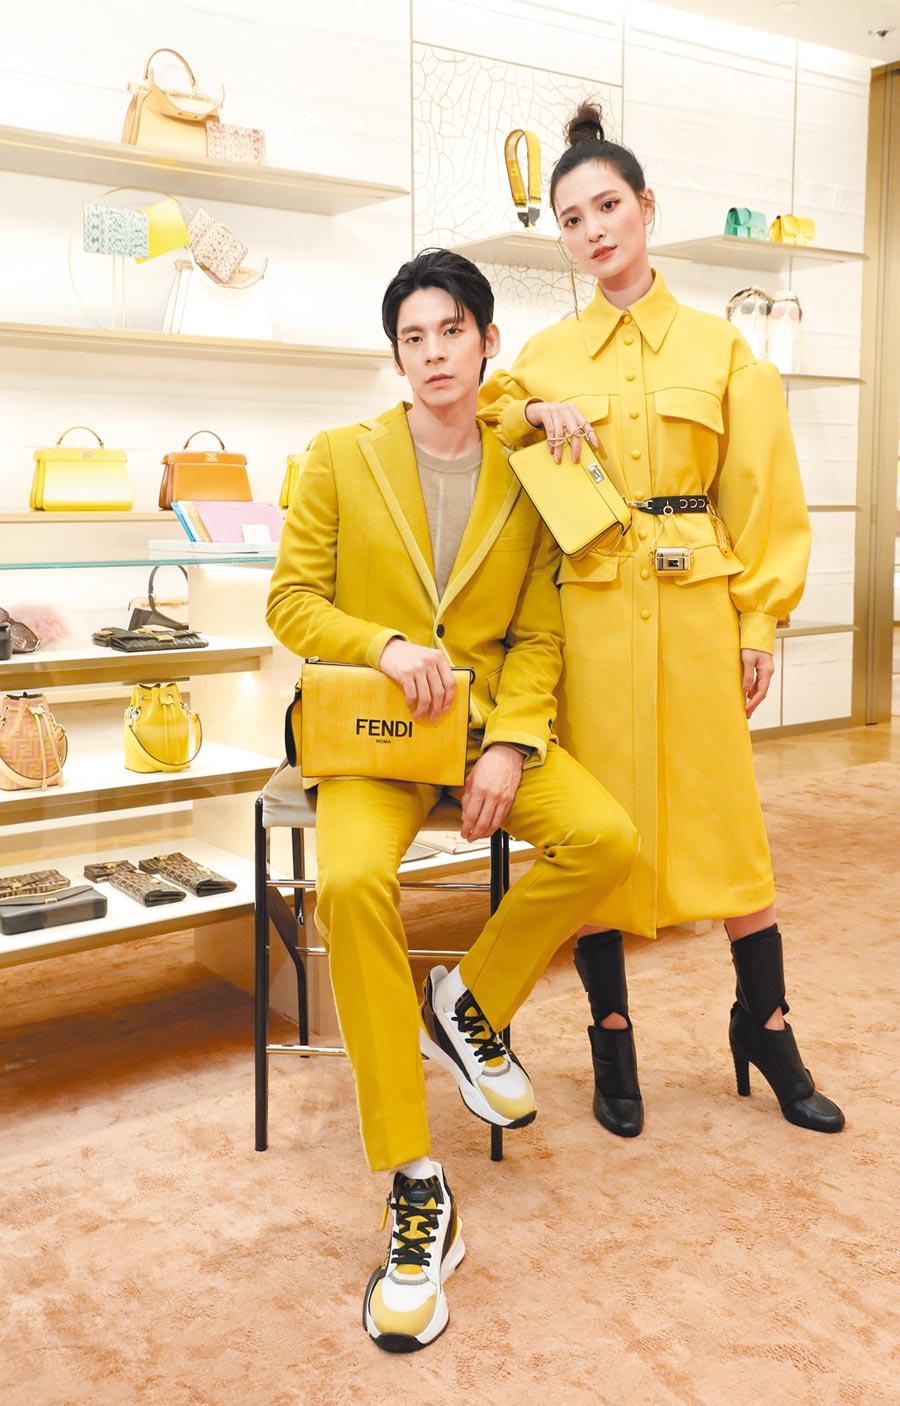 左:林柏宏身穿Fendi針織上衣,2萬1600元;黃色造型西裝,6萬7000元;黃色造型西裝褲,2萬6000元;Flow造型休閒鞋,2萬8700元;Signature造型手拿包,3萬4900元。(Fendi提供)右:吳子霏穿Fendi黃色連身設計洋裝,19萬8000元;Promenade黑色高跟鞋,3萬9000元;Peekaboo ISeeU小型包,8萬3900元;Chaos airpods造型吊飾,2萬4500元;Chaos打火機造型吊飾,1萬9800元;Chaos筆造型耳環,2萬3400元;造型皮帶,2萬8700元。(Fendi提供)